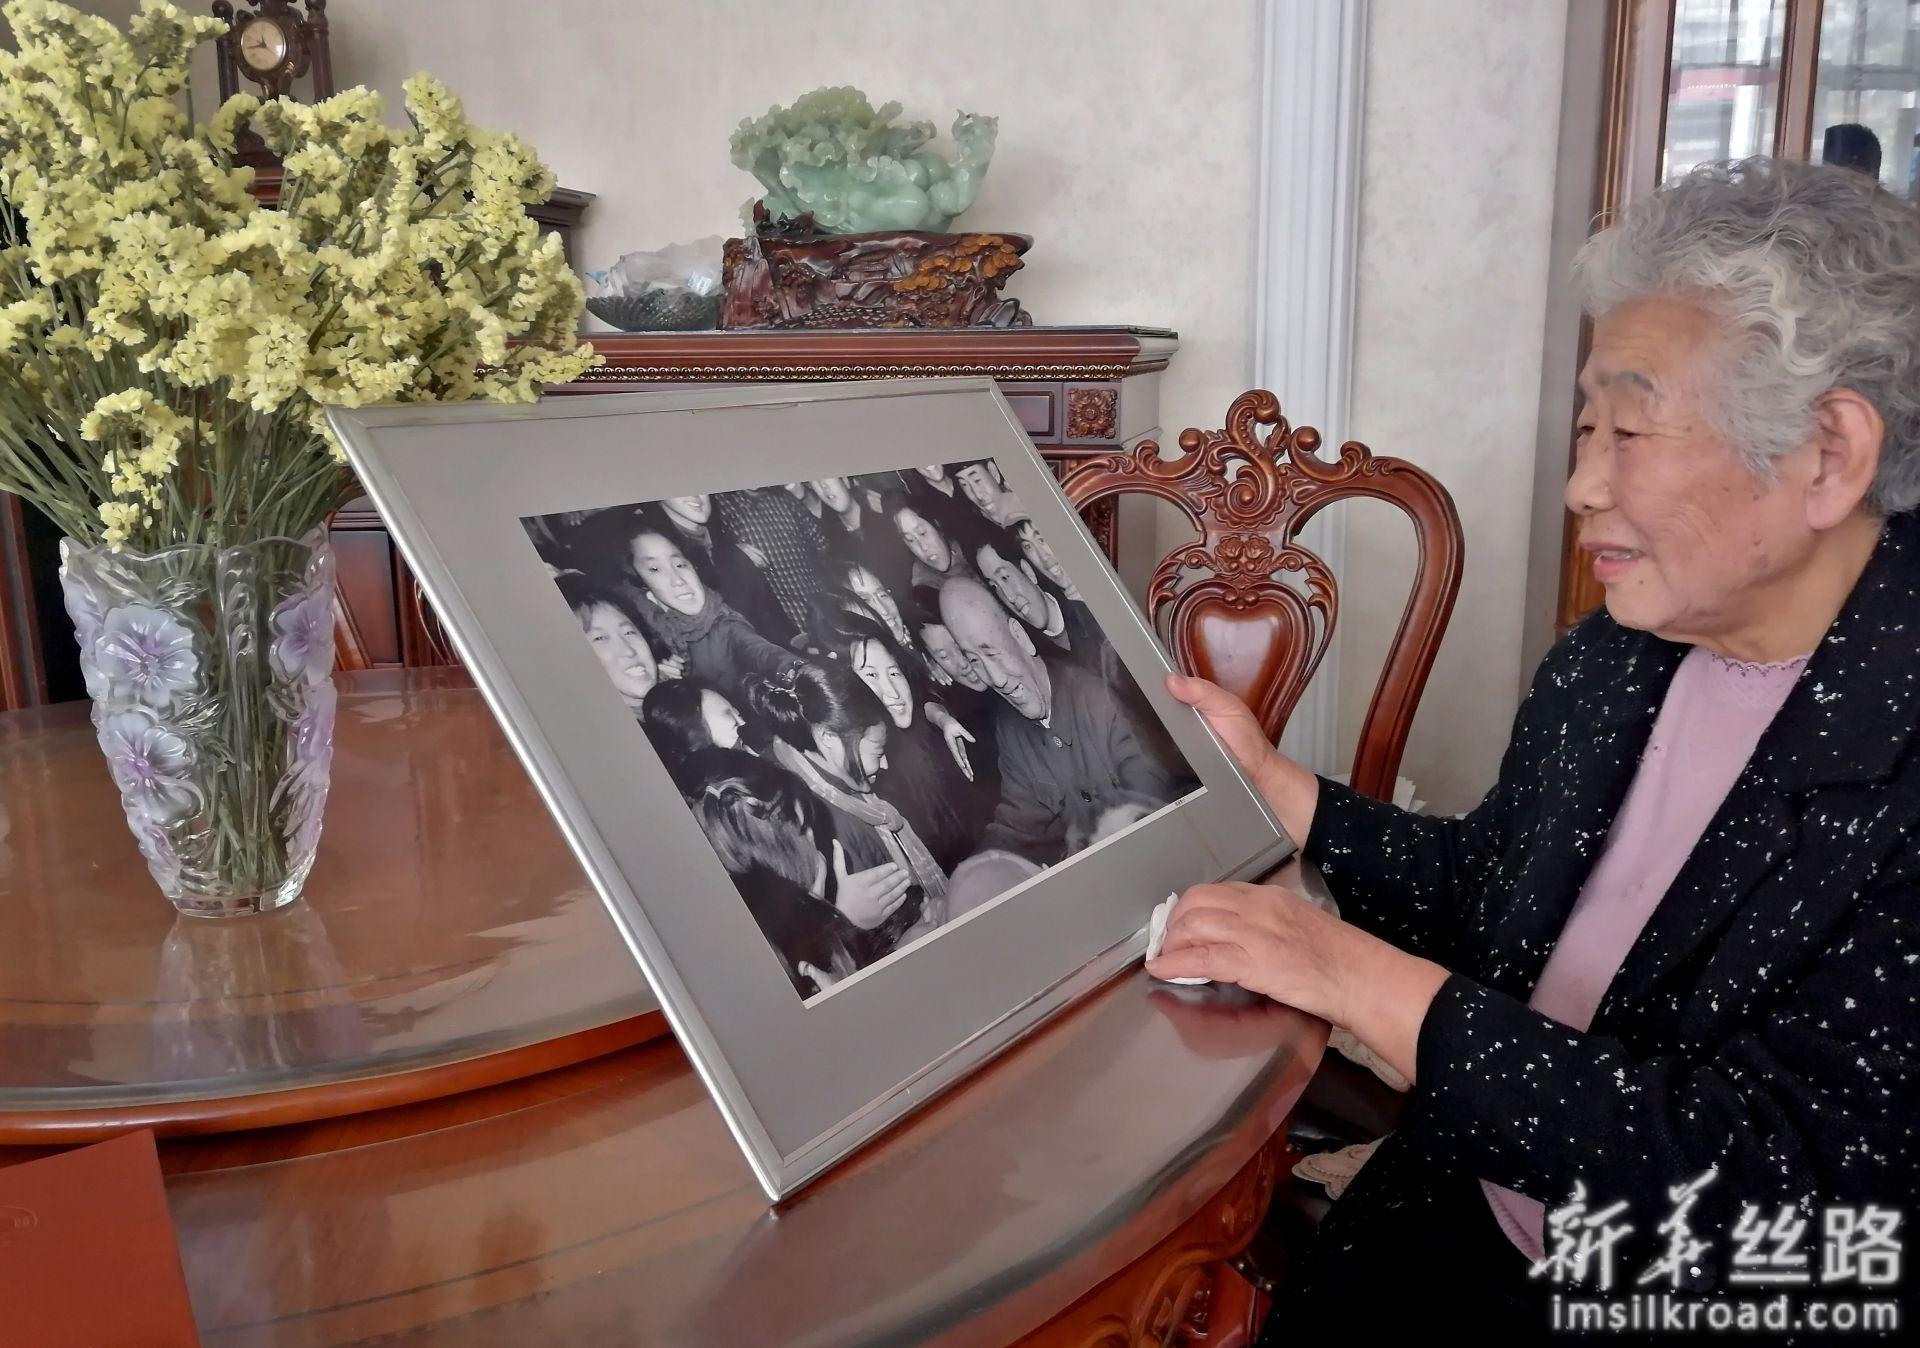 孟泰女儿孟庆珍向记者展示父亲孟泰的照片(4月23日摄)。新华社记者 王炳坤 摄